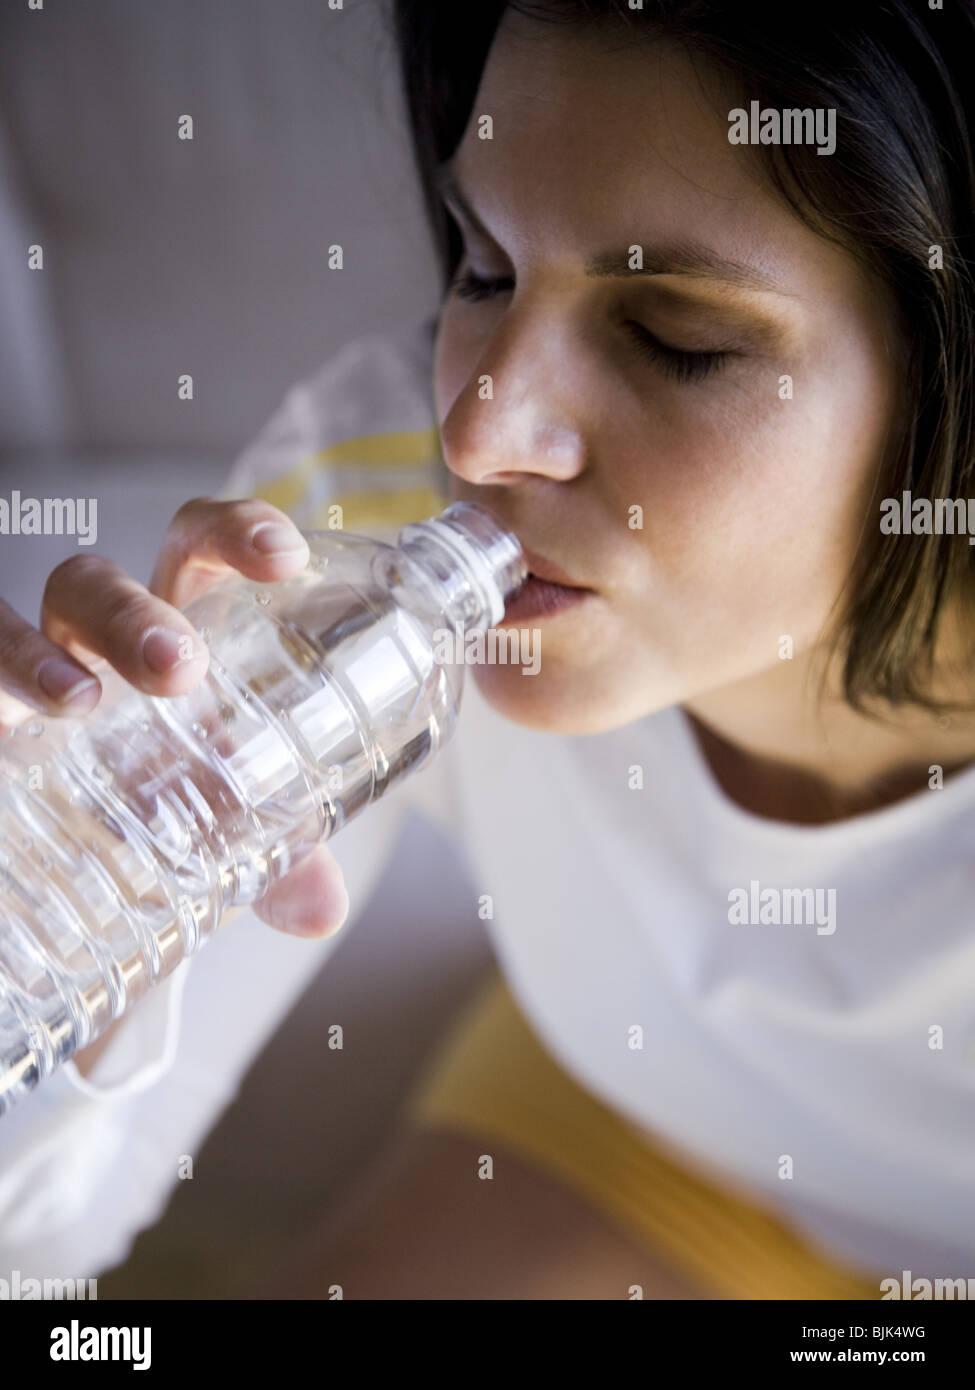 Femme assise et de boire de l'eau en bouteille Photo Stock